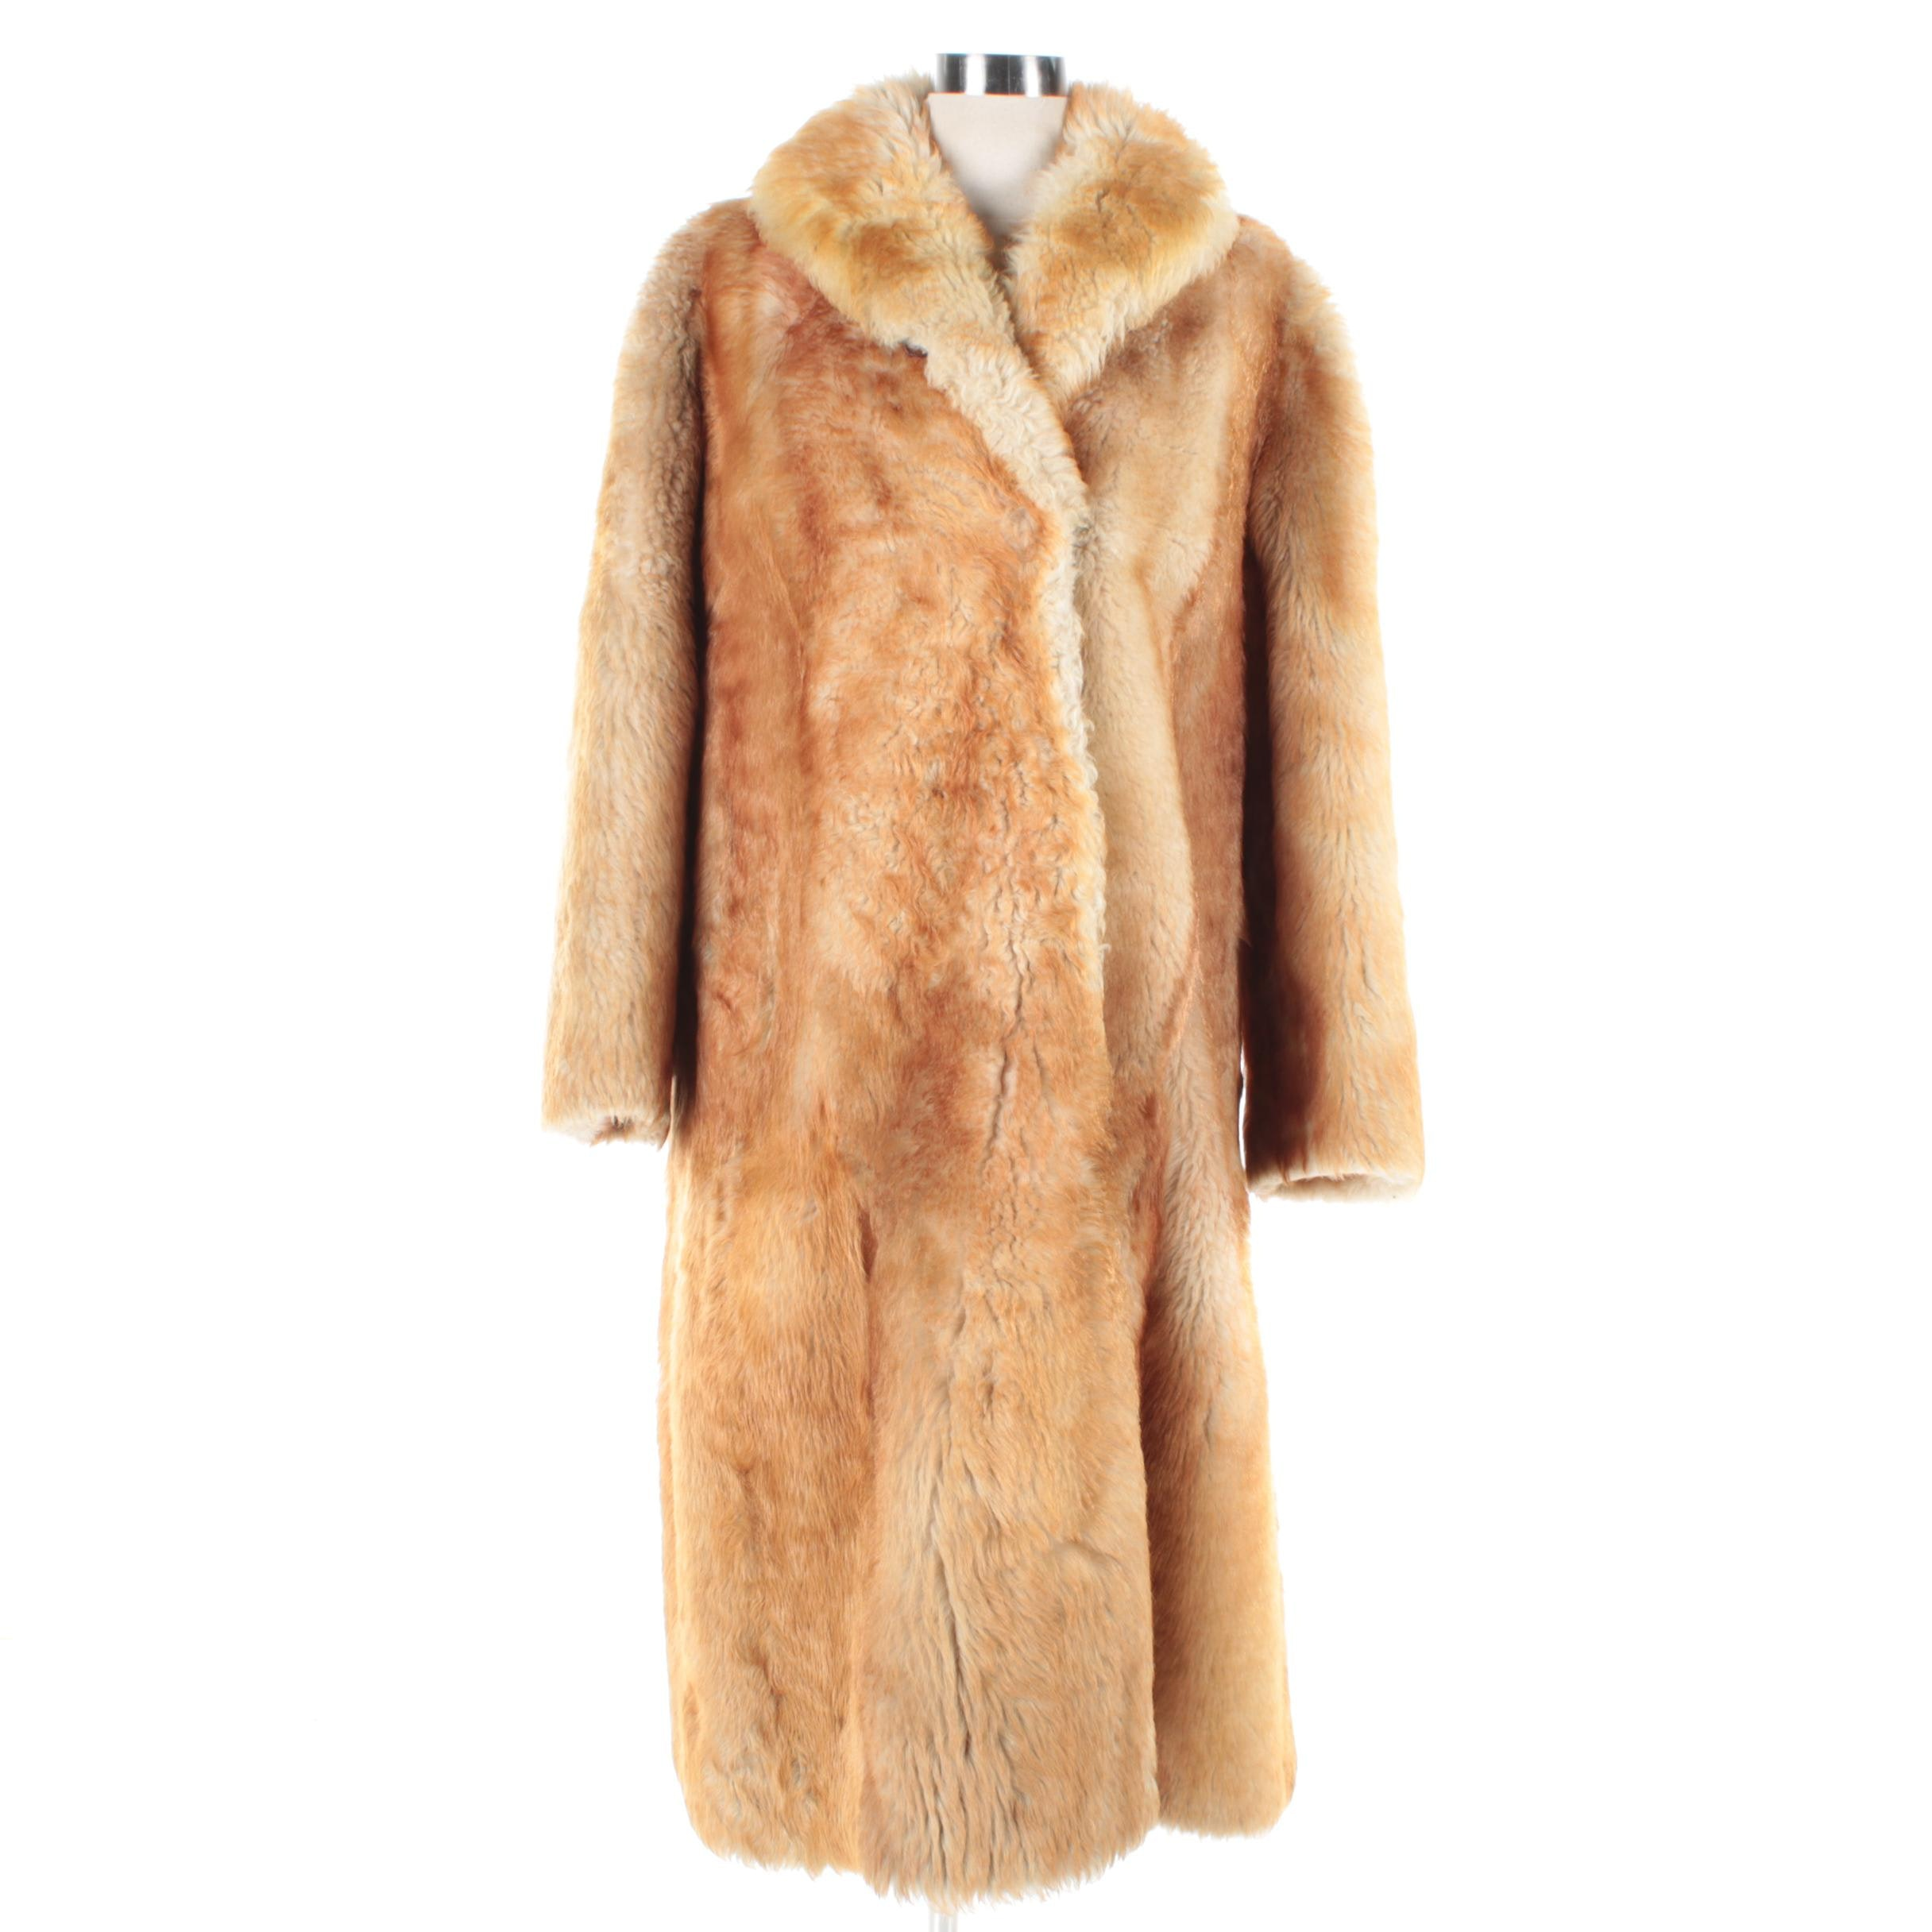 Vintage Wehrmeier Sheep Coat